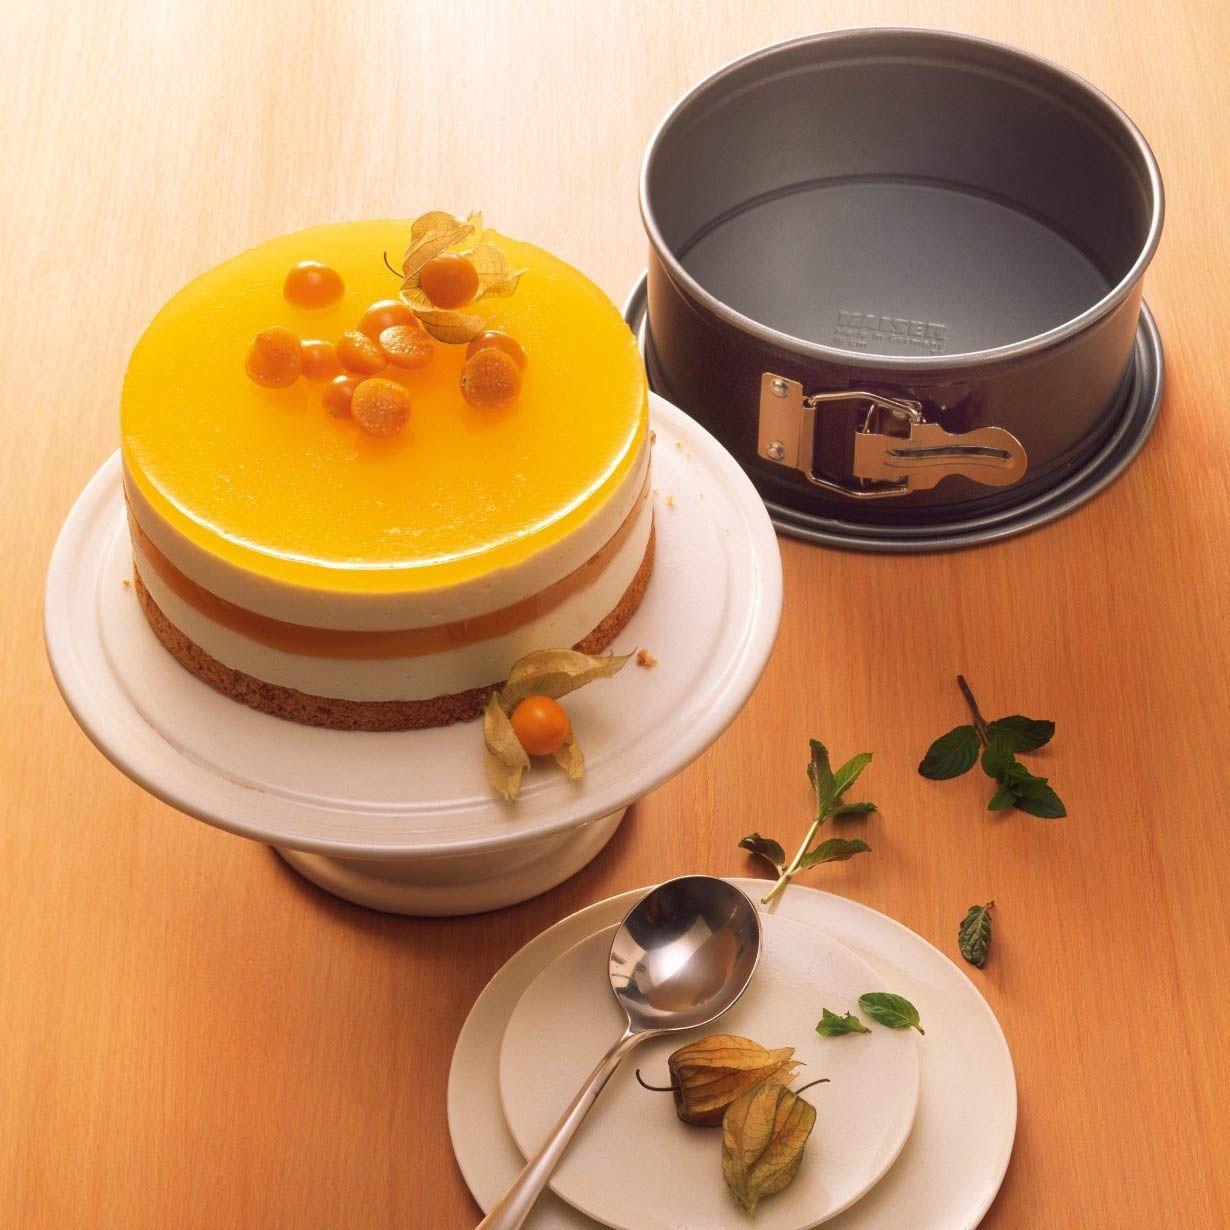 Форма для выпечки Kaiser Backform Bake And Play круглая 12 см со съемным дном